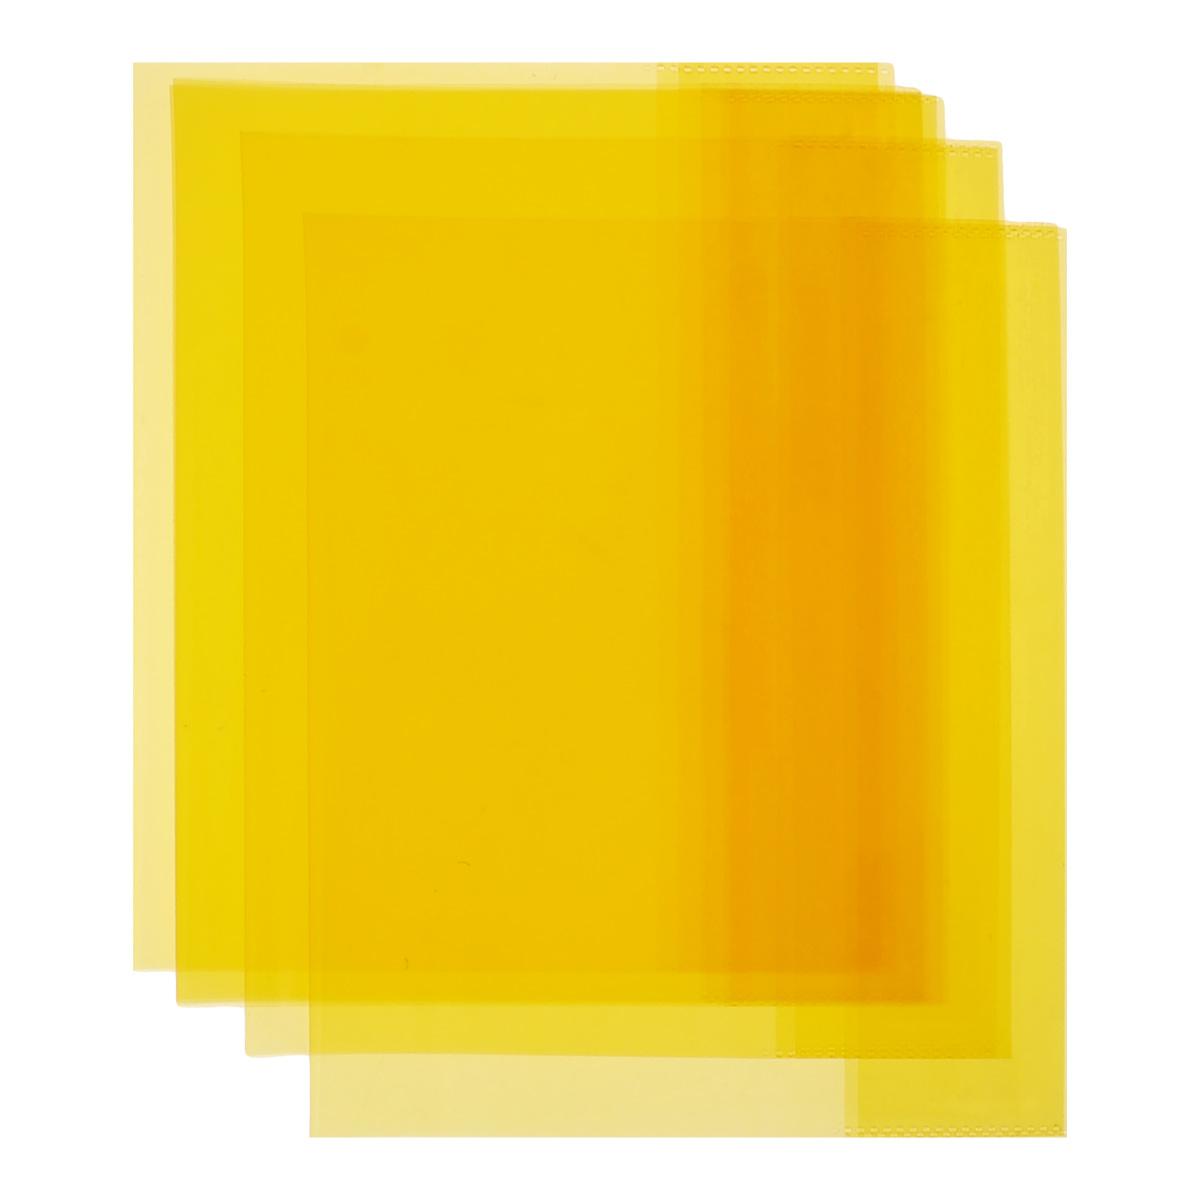 Обложка для тетрадей и дневников Action, цвет: оранжевый, 21 см х 34,6 см, 5 шт72523WDОбложка для тетрадей и дневников Action выполнена из высококачественного полупрозрачного пластика толщиной 100 мкм и предназначена для защиты тетрадей и дневников от пыли, грязи и механических повреждений. Надежная фиксация обложки обеспечивается прозрачными клапанами на внутренней стороне.Обложка для тетрадей и дневников - незаменимый атрибут школьника, студента или офисного работника. Она надежно сбережет ваши документы и защитит их от повреждения, пыли и влаги